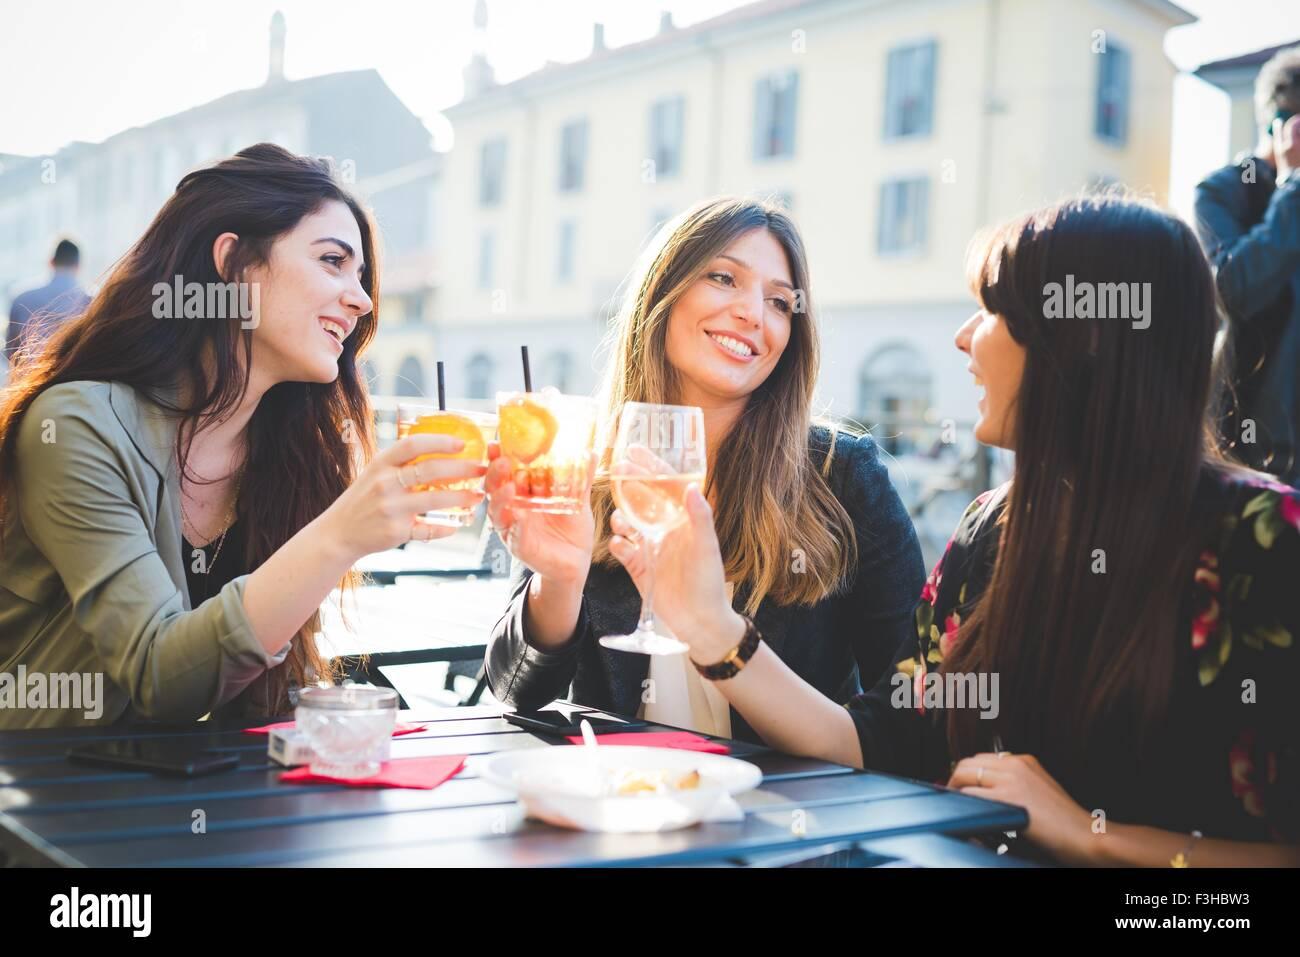 Tres jóvenes mujeres elevar un brindis a la cafetería Imagen De Stock